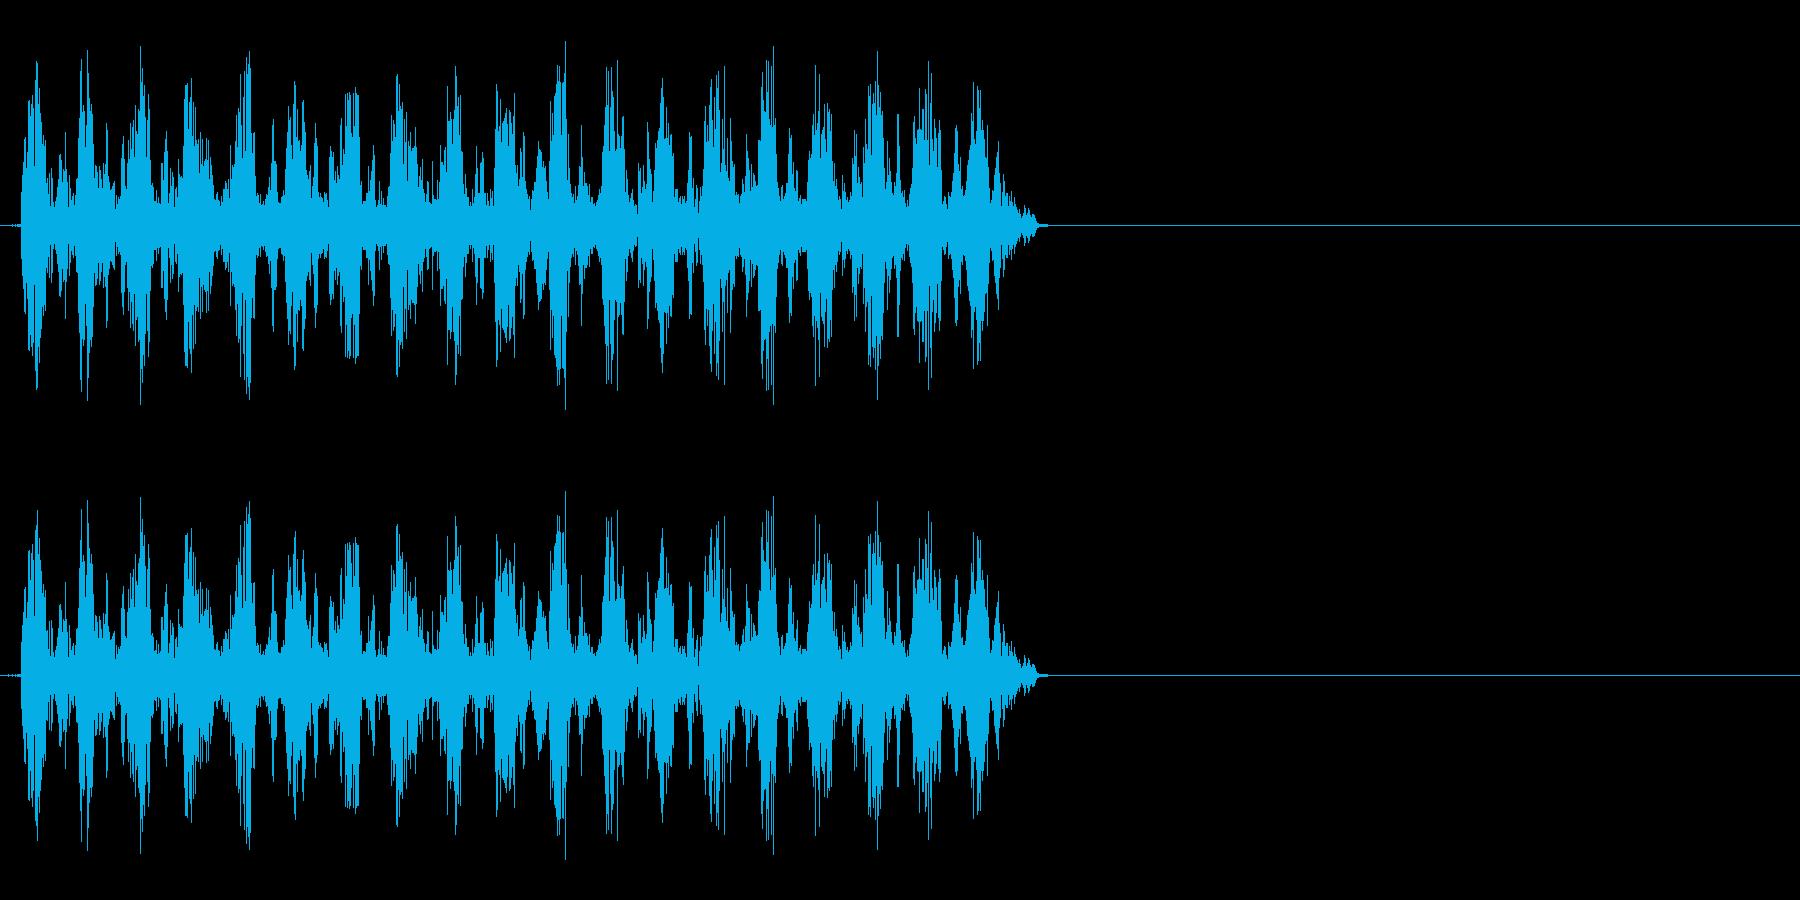 くるくるくるくる(回転、ダッシュ時など)の再生済みの波形